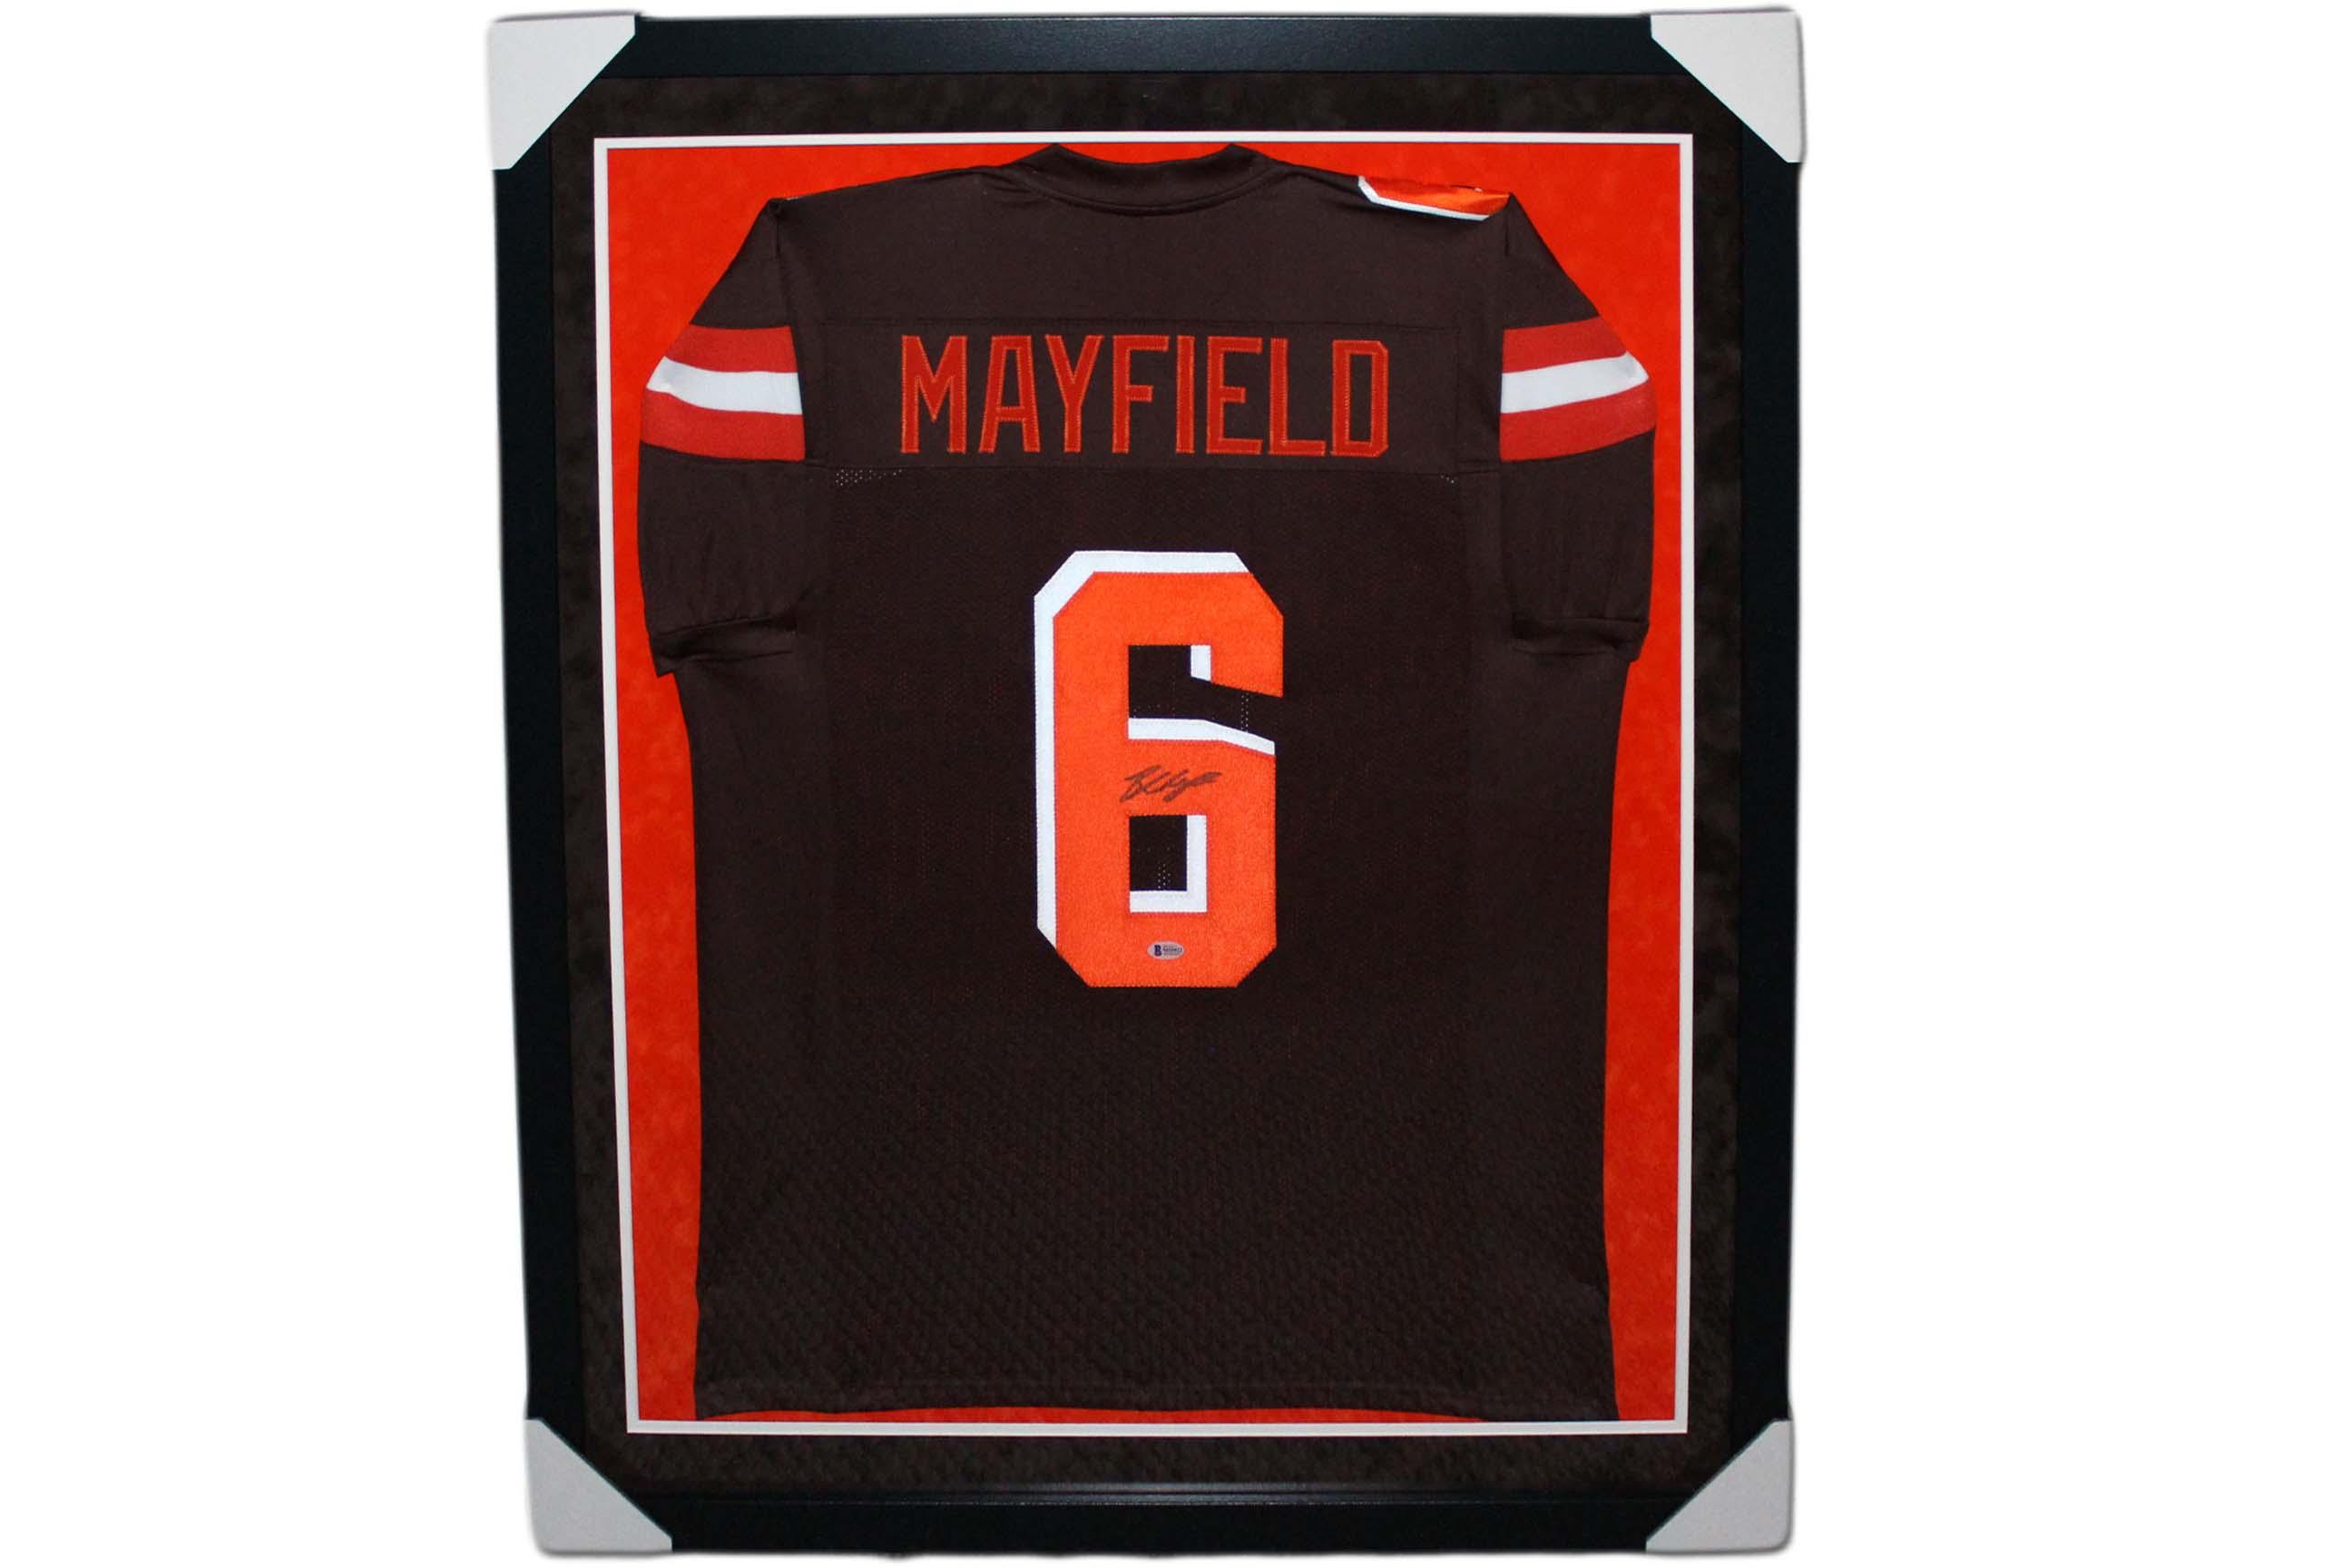 baker mayfield jersey cost